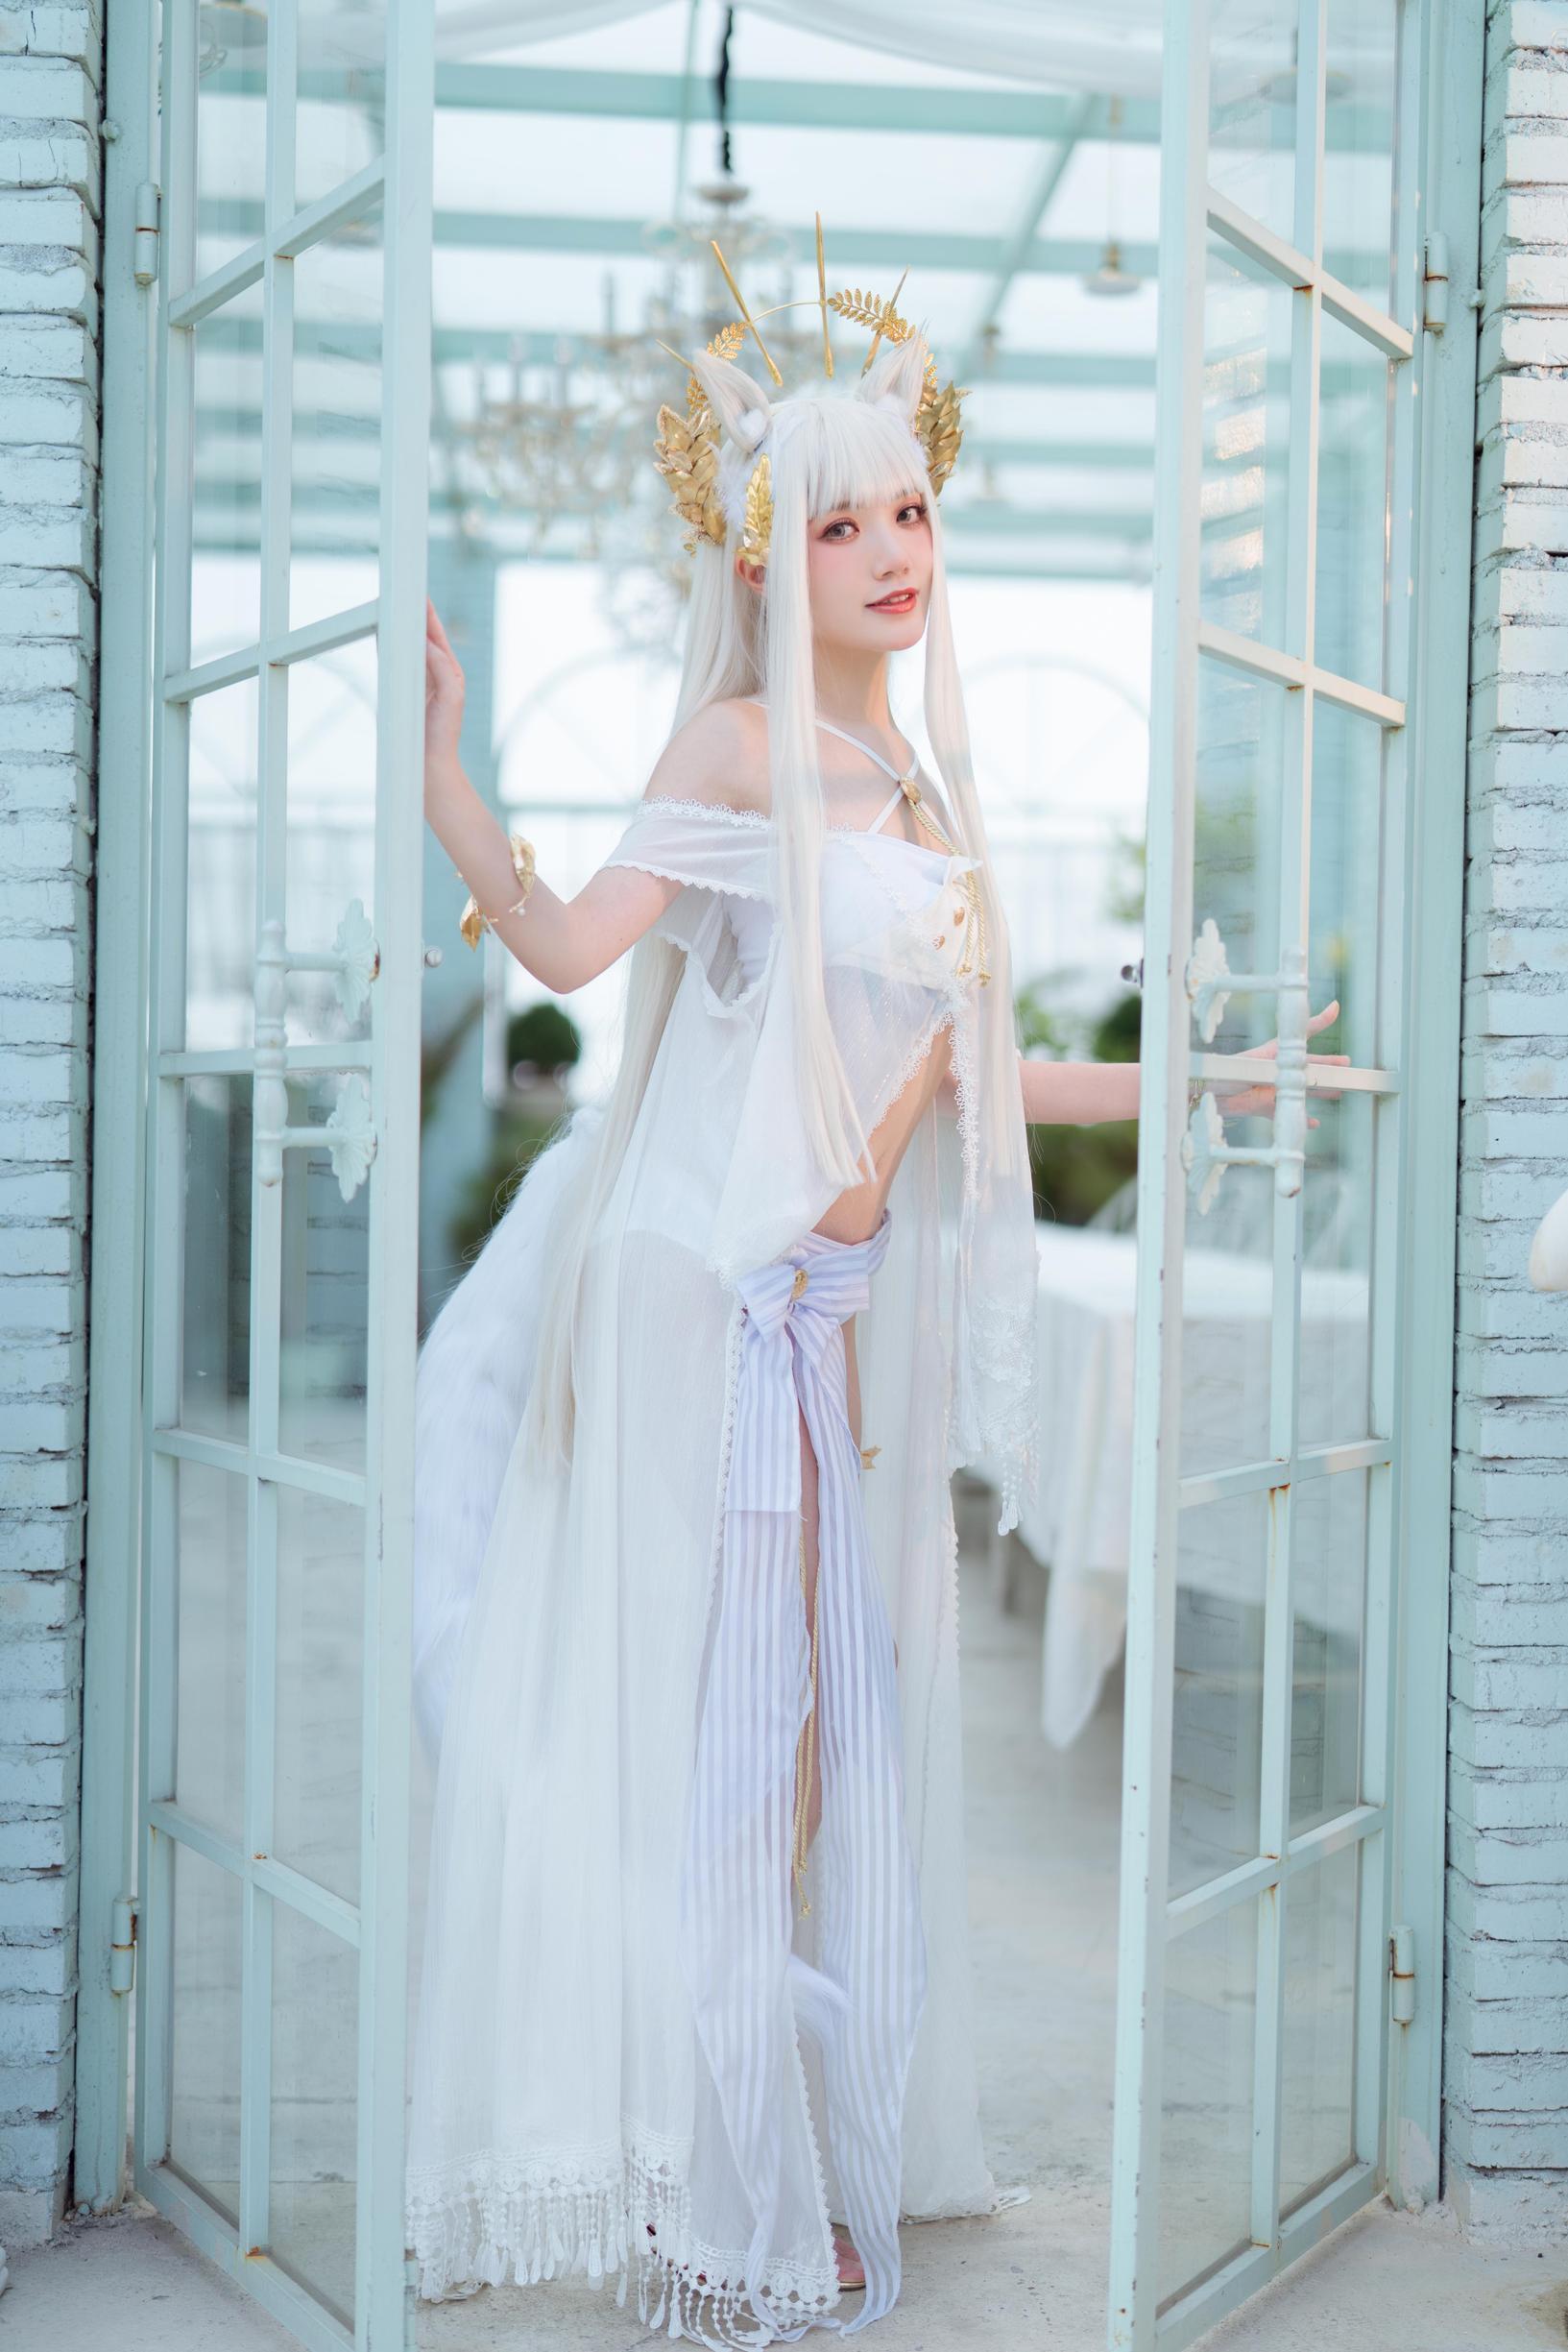 《明日方舟》战士cosplay【CN:weisa】-第6张